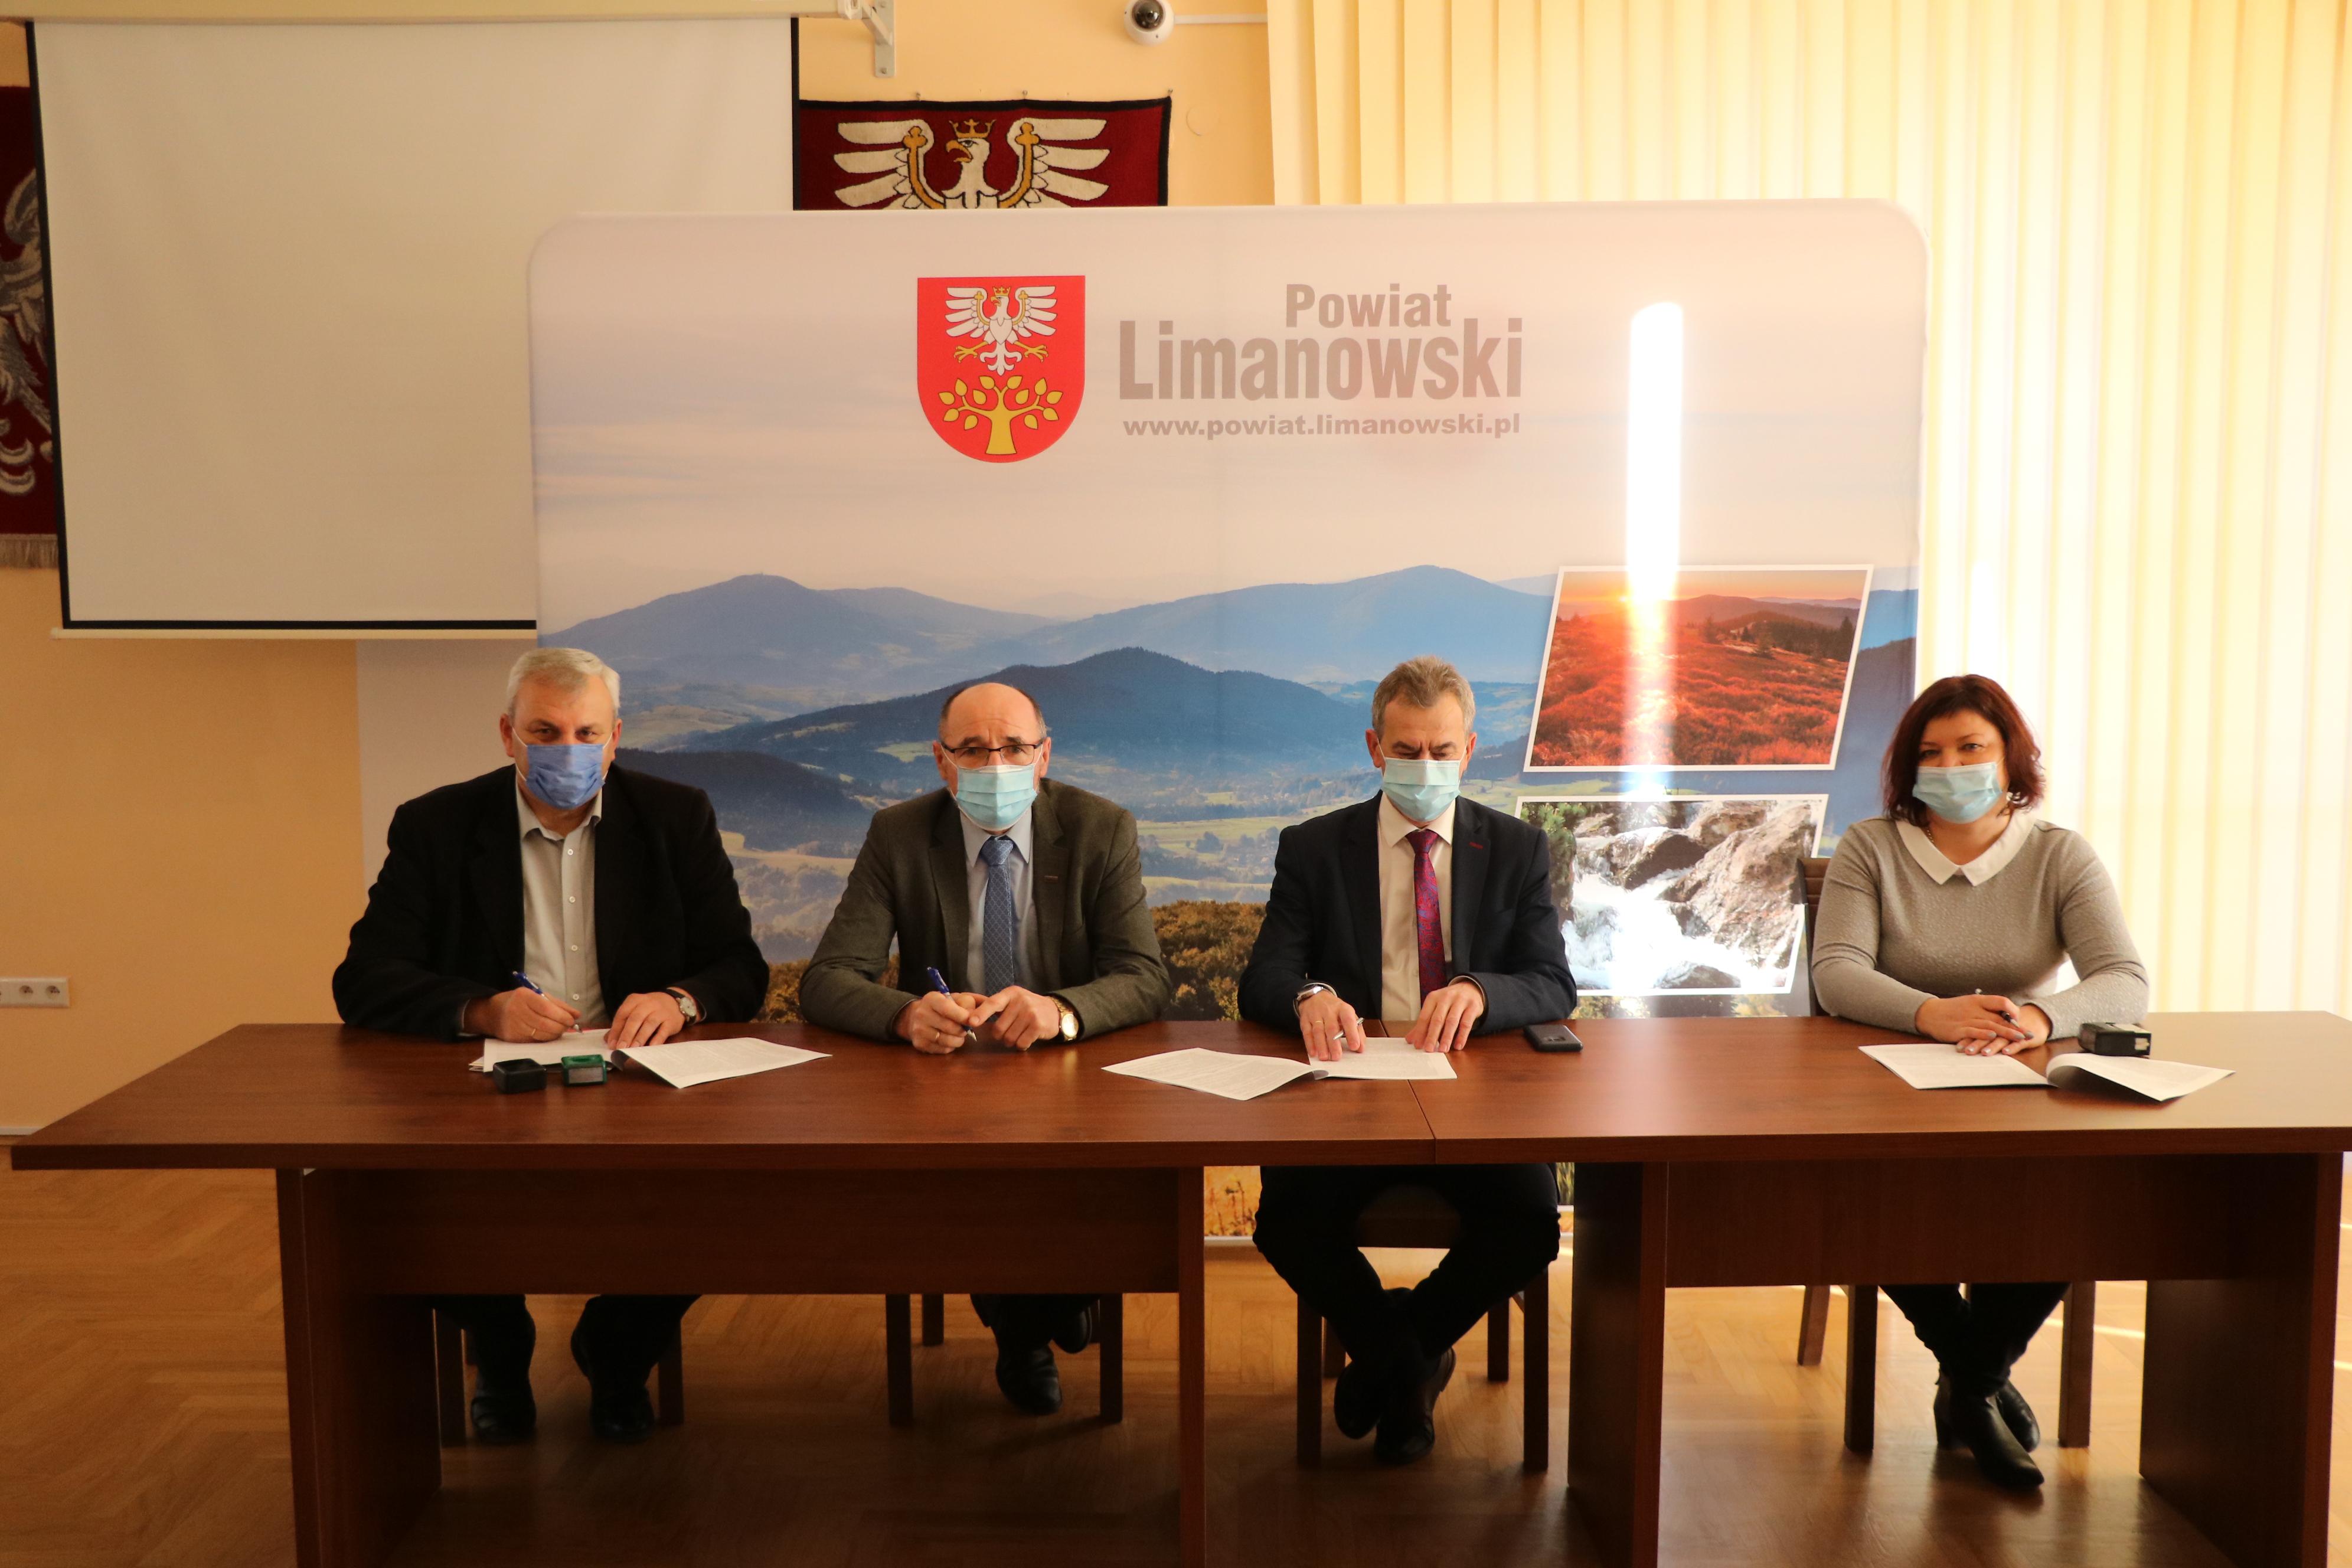 podpisanie umowy w sali konferencyjnej starostwa. Przy stole siedzi Starosta Limanowski, dykretor pzd, członek zarządu oraz przedstawiciel wykonawcy robót. Podpisują umowę.